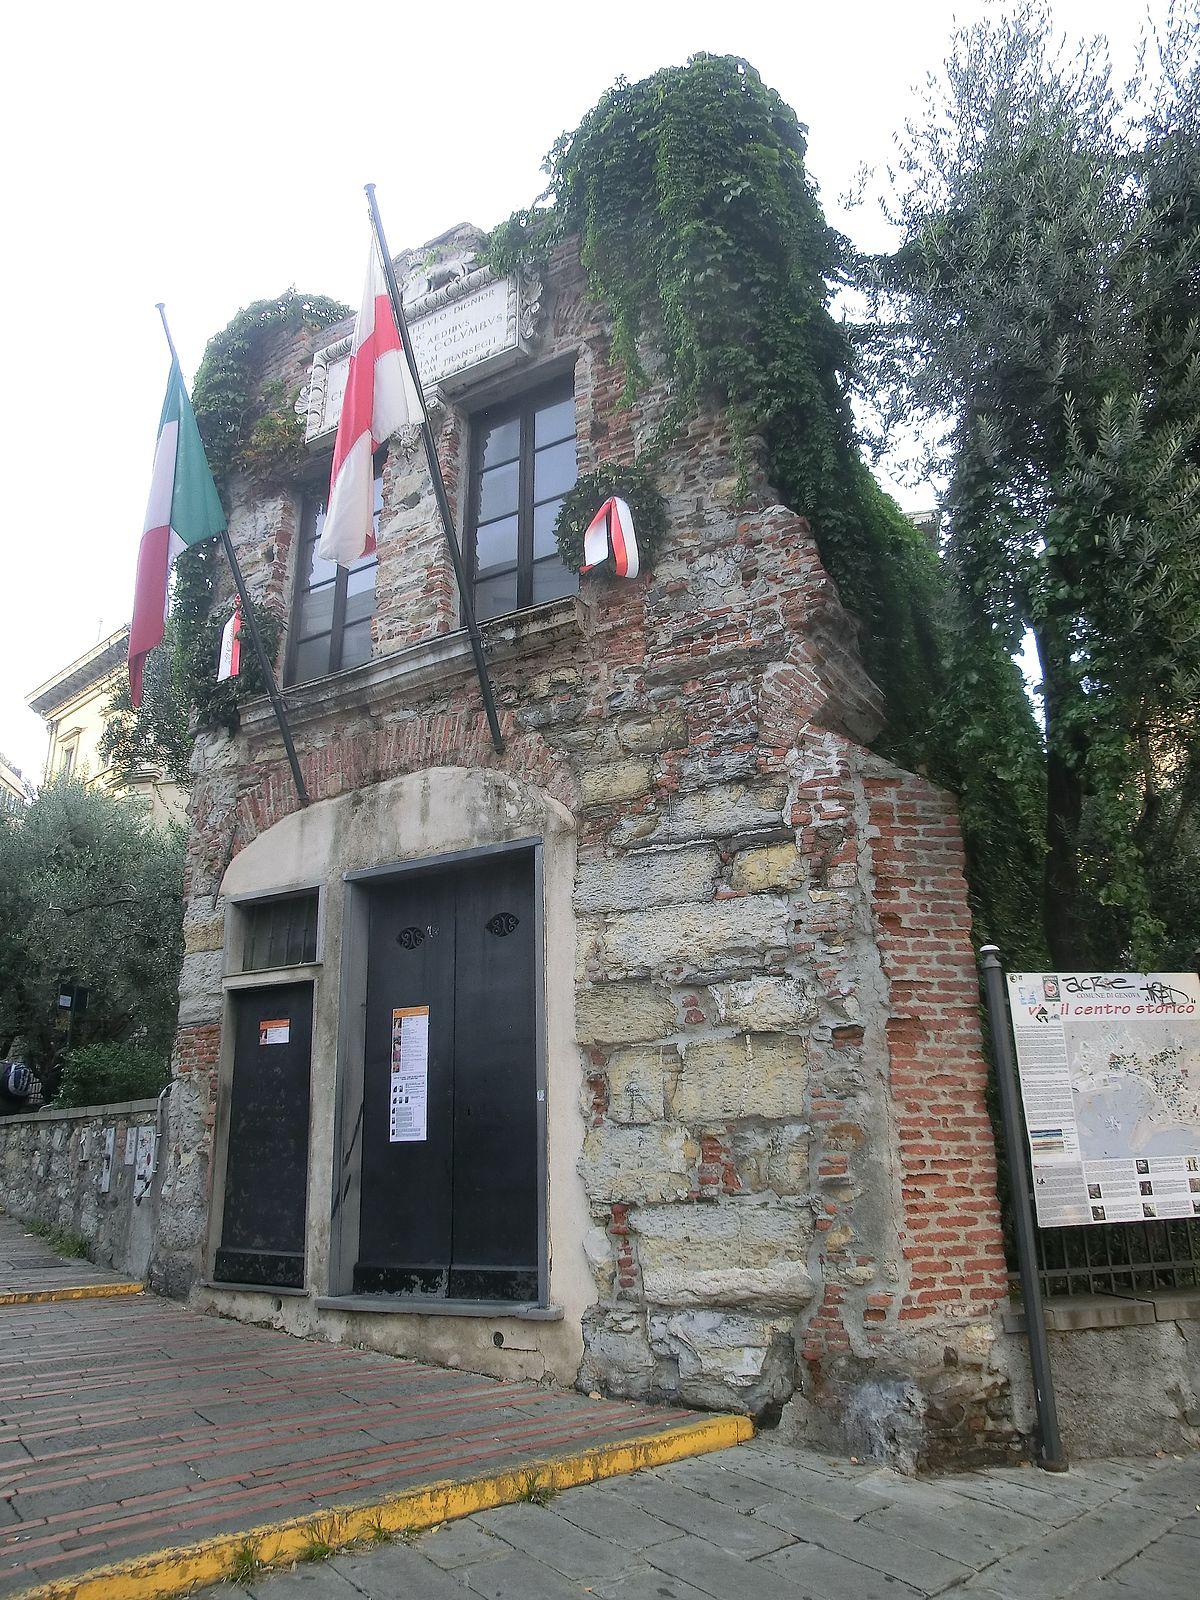 Casa di Cristoforo Colombo Genova  Wikipedia